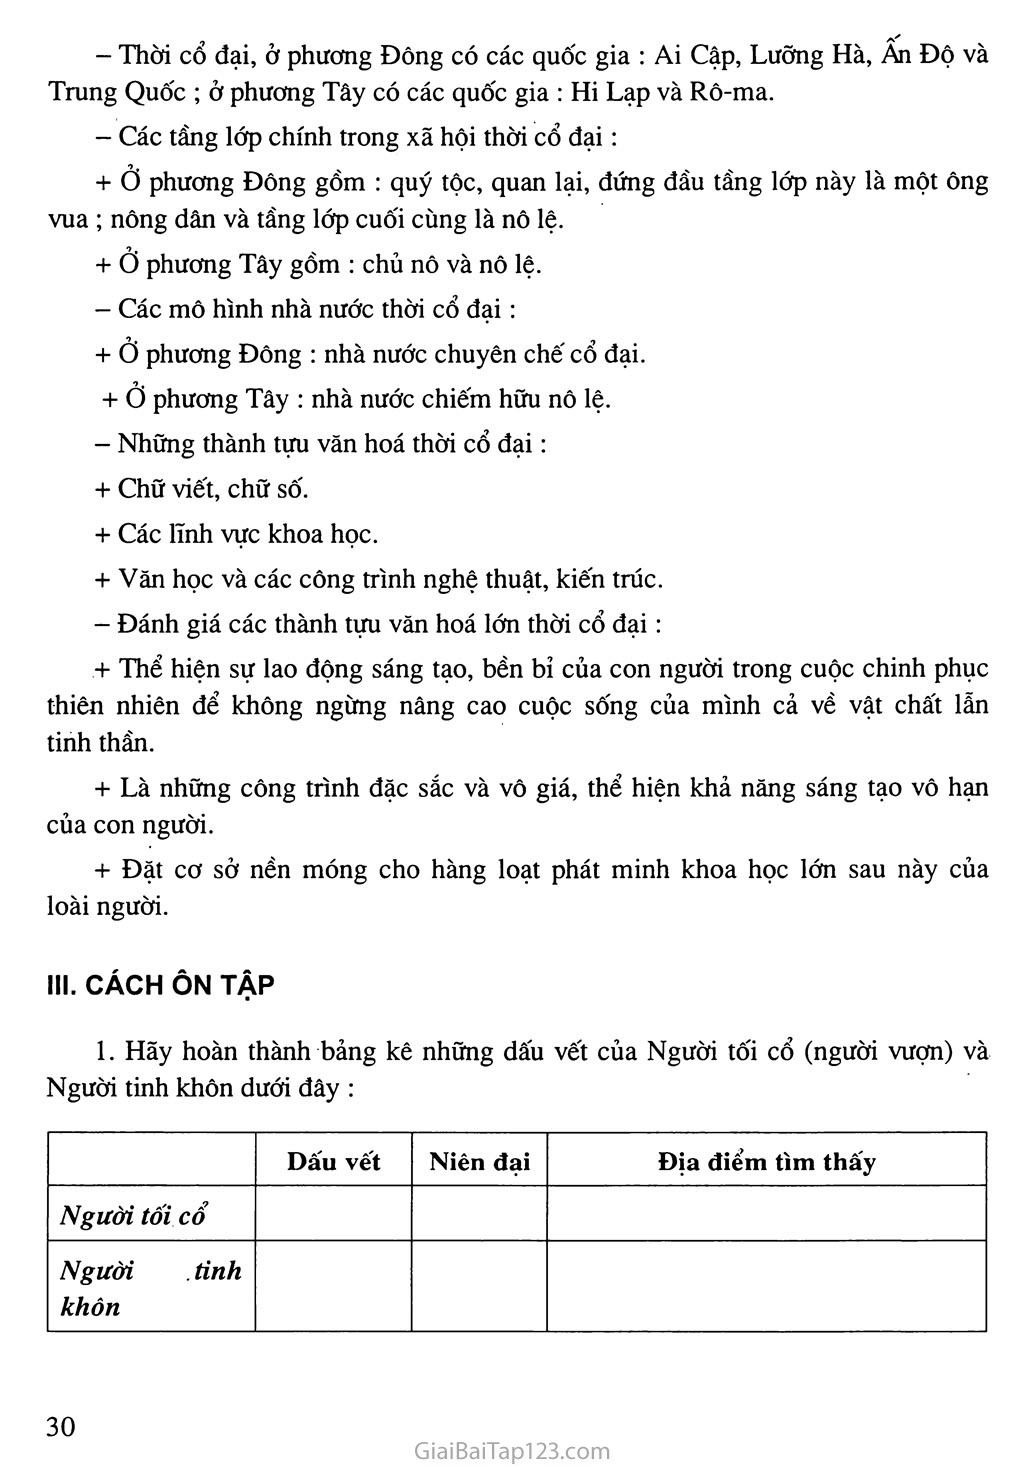 Bài 7: Ôn tập trang 2